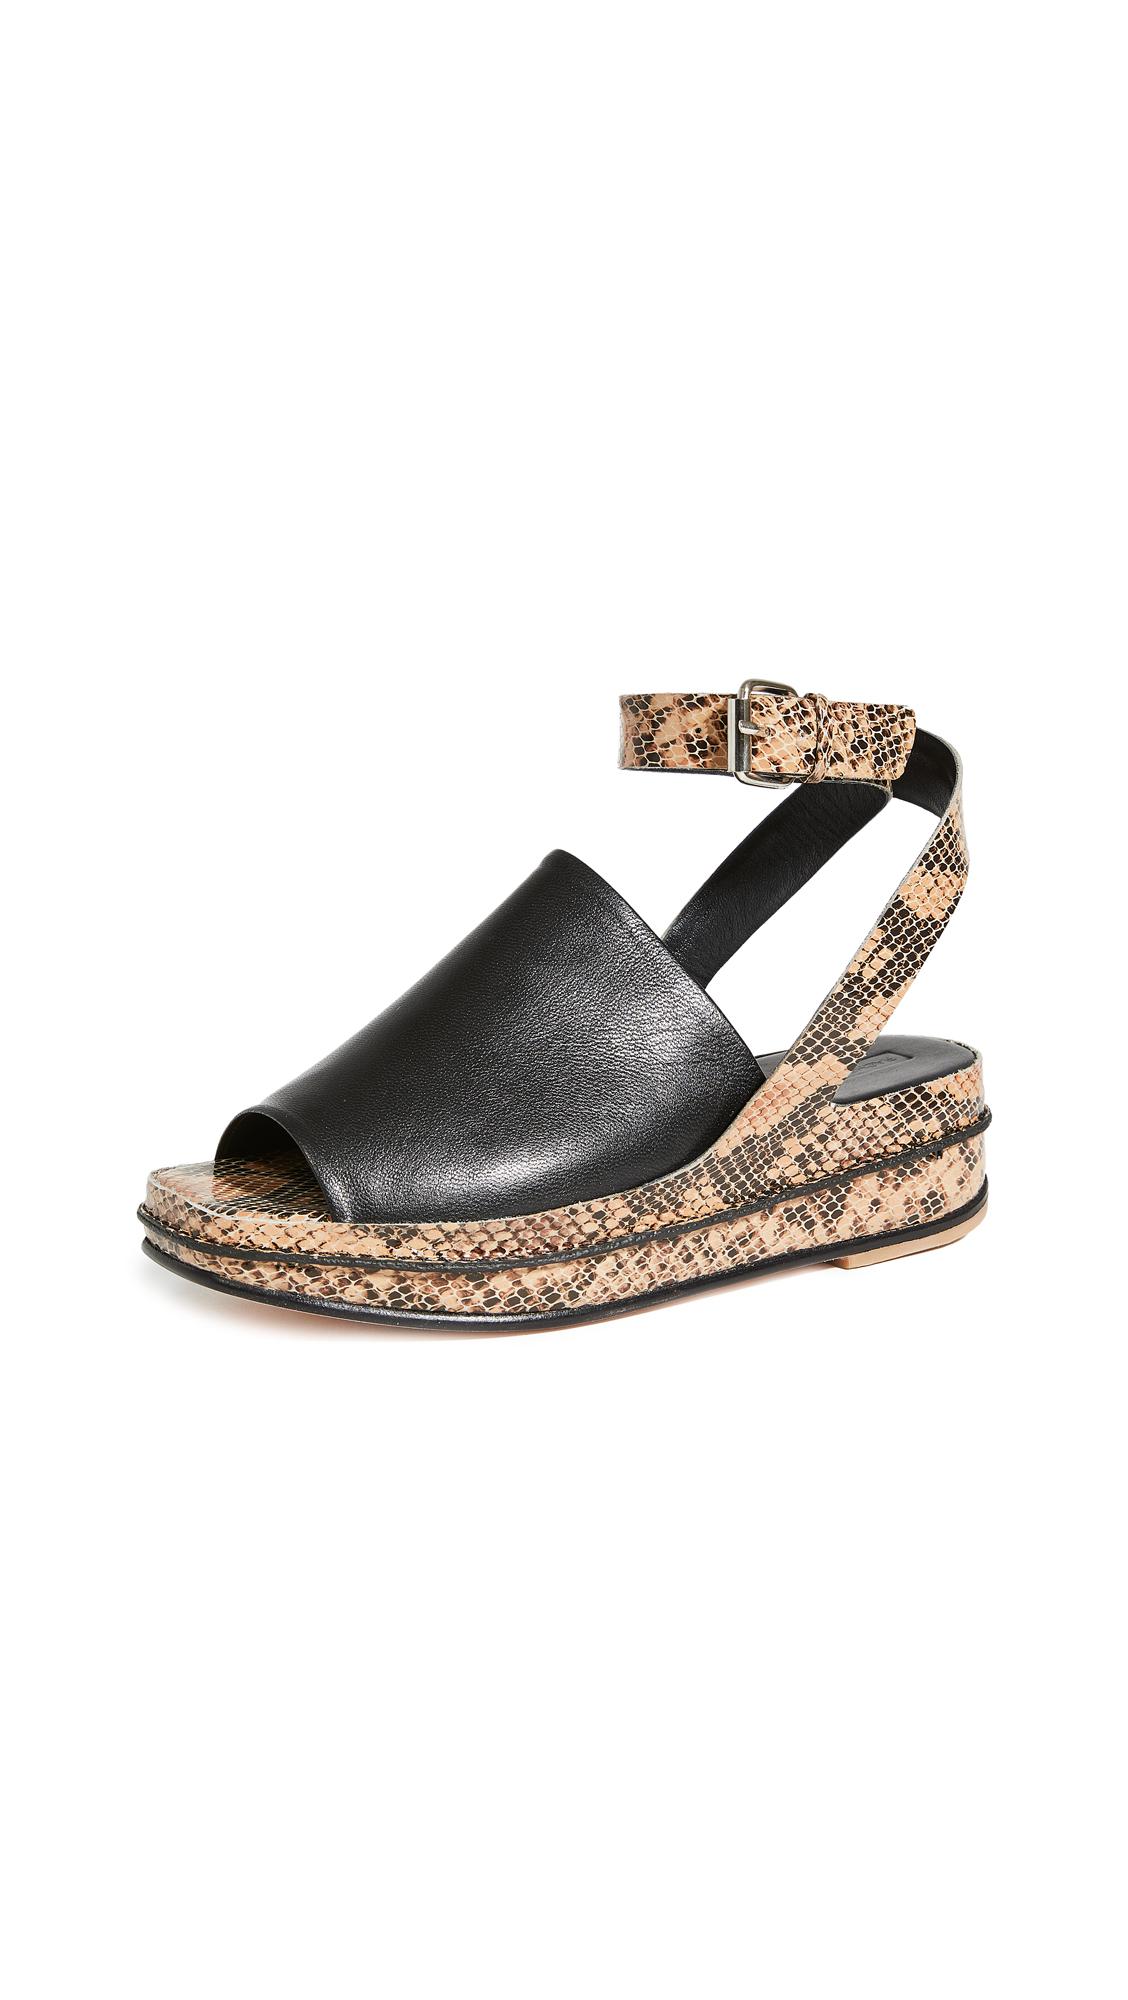 Rachel Comey Bower Sandals - 30% Off Sale